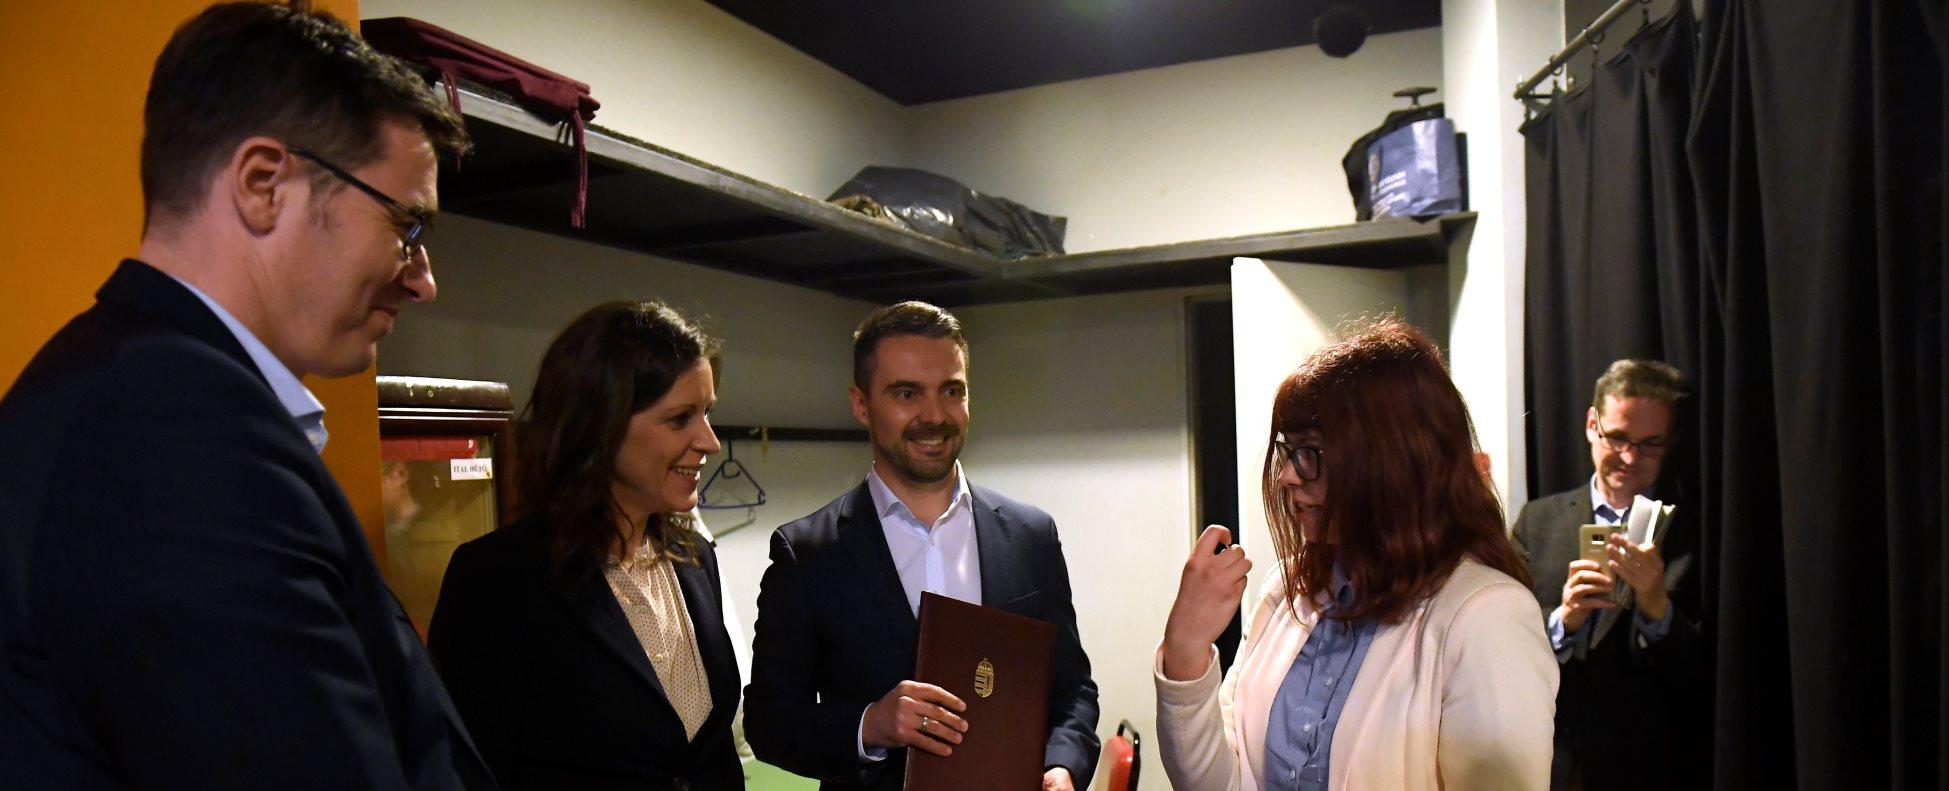 Ellenzéki miniszterelnök-jelöltek vitája az oktatásról a Gödör Klubban